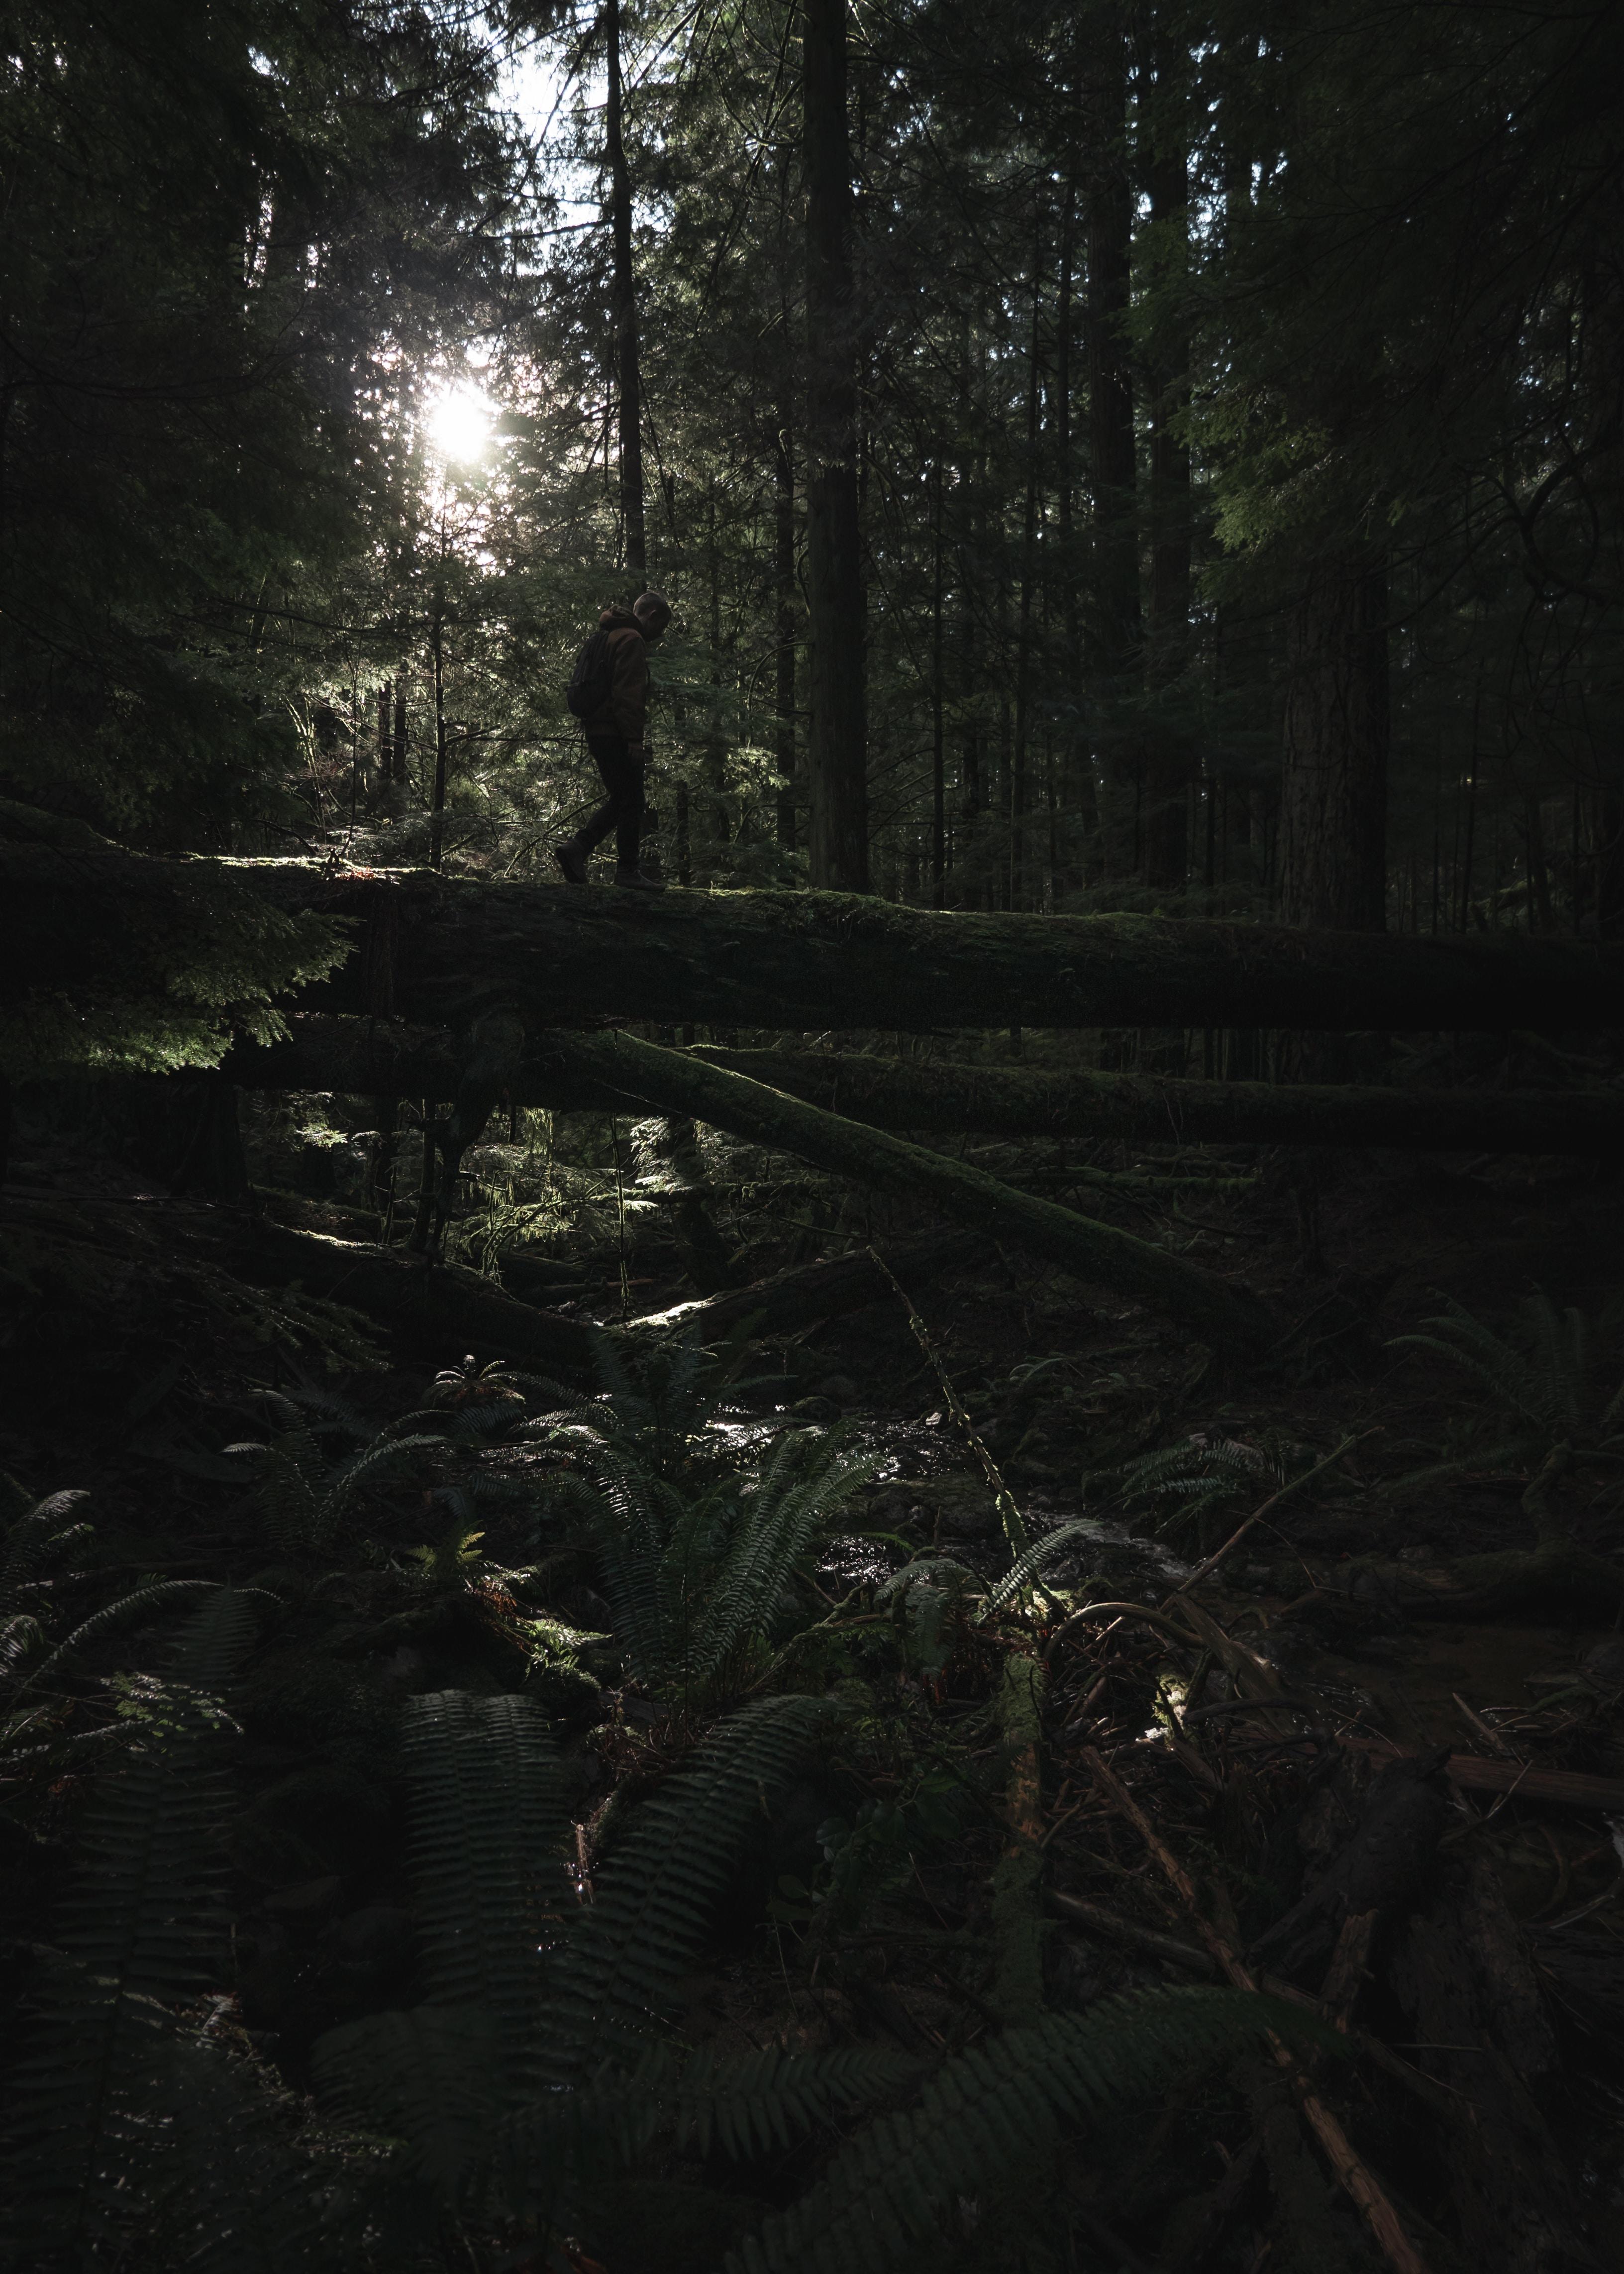 man walking on tree log